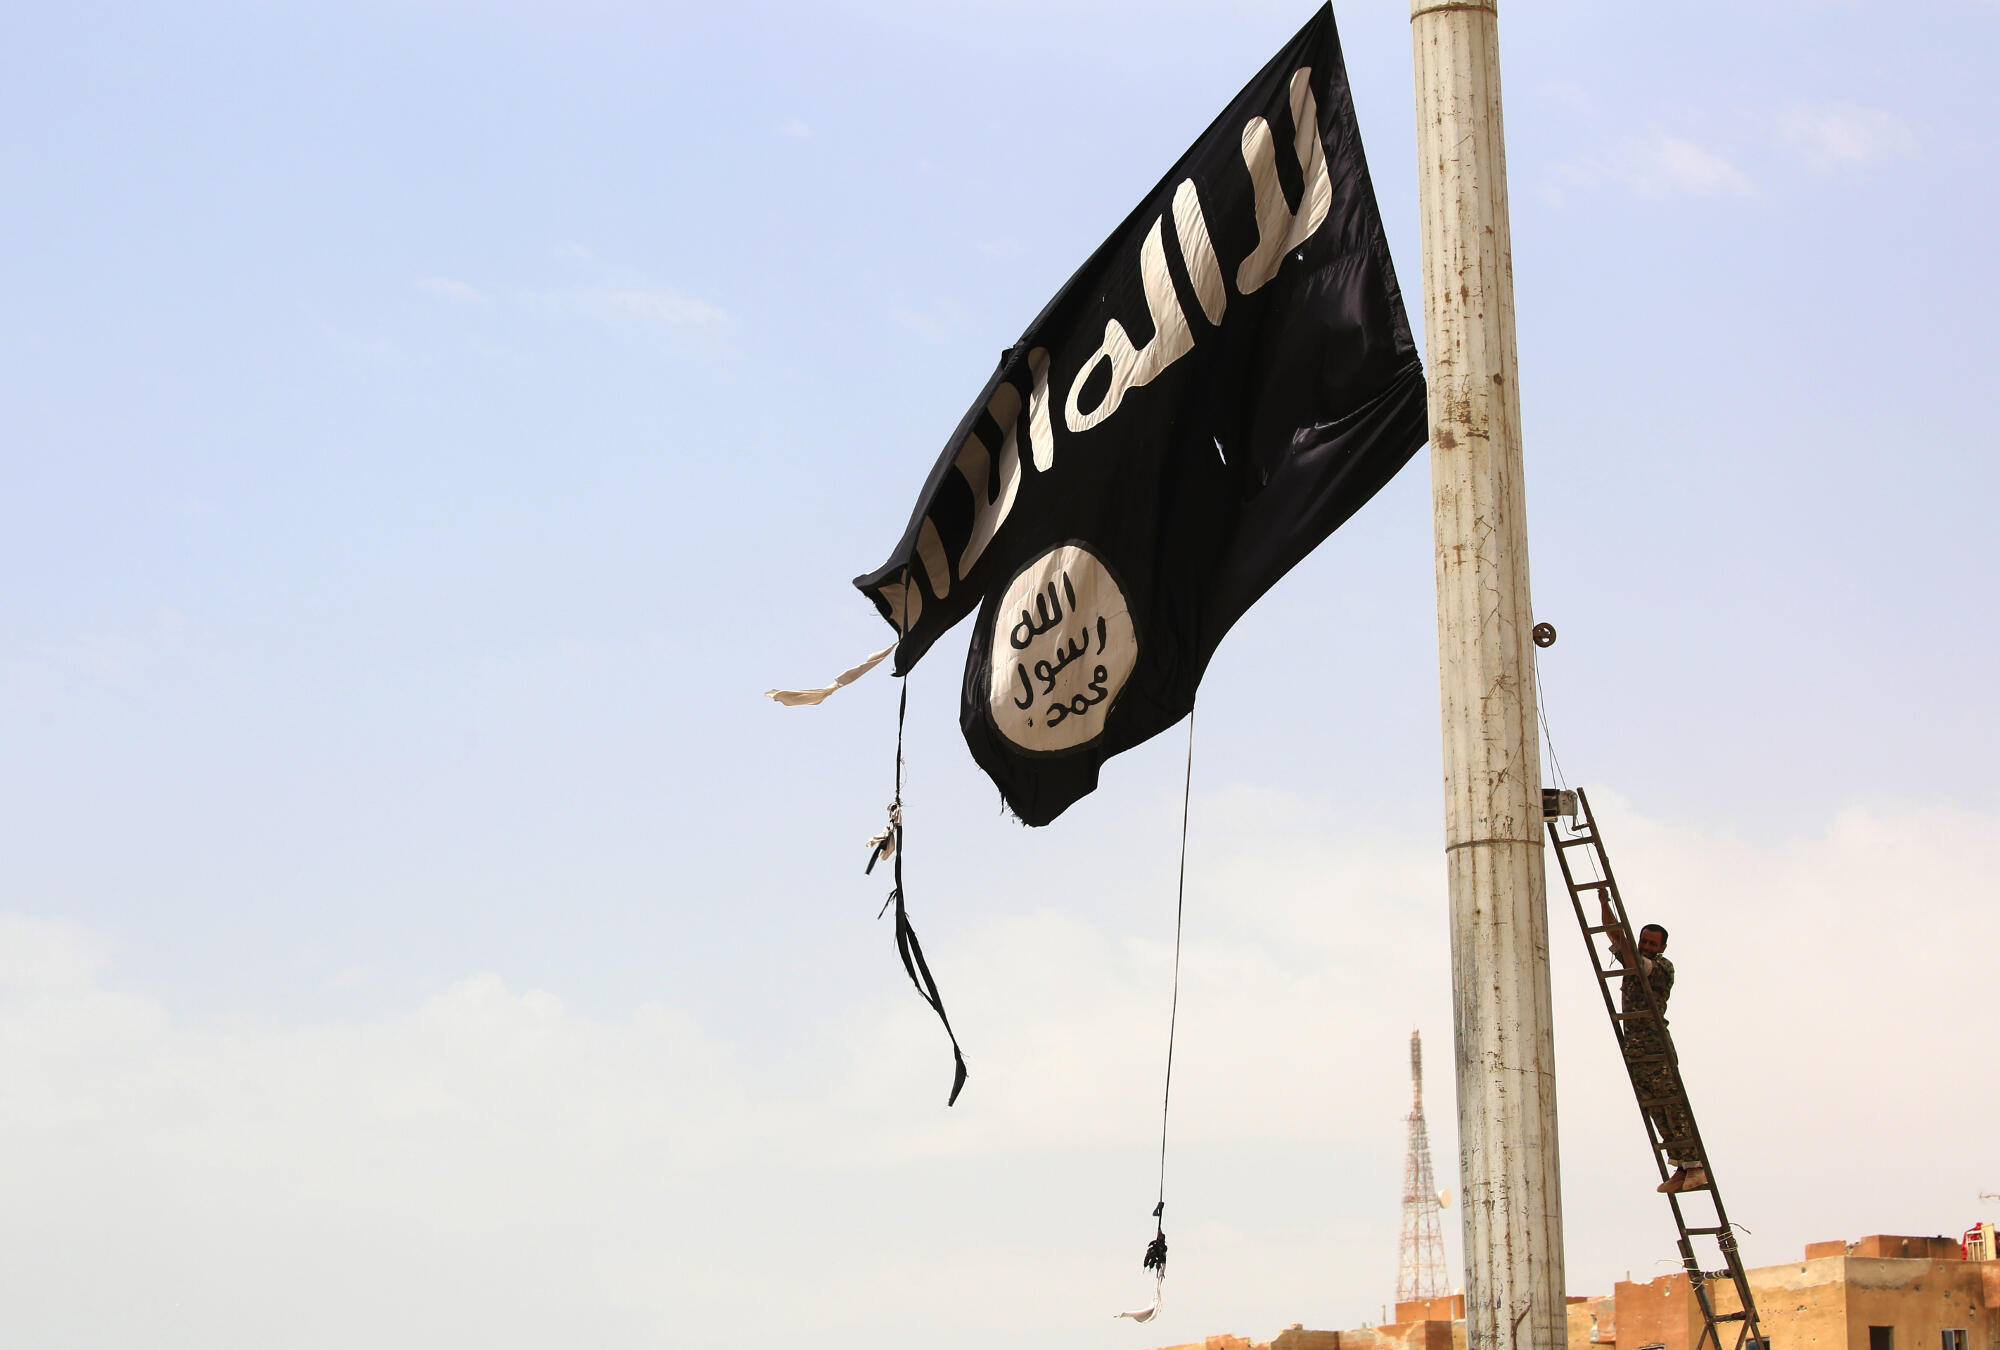 Wanajihadi watatu kutoka Ufaransa washikiliwa Syria na vikosi vya Kikurdi. Hii hapa ni bendera ya kundi la Islamic State.